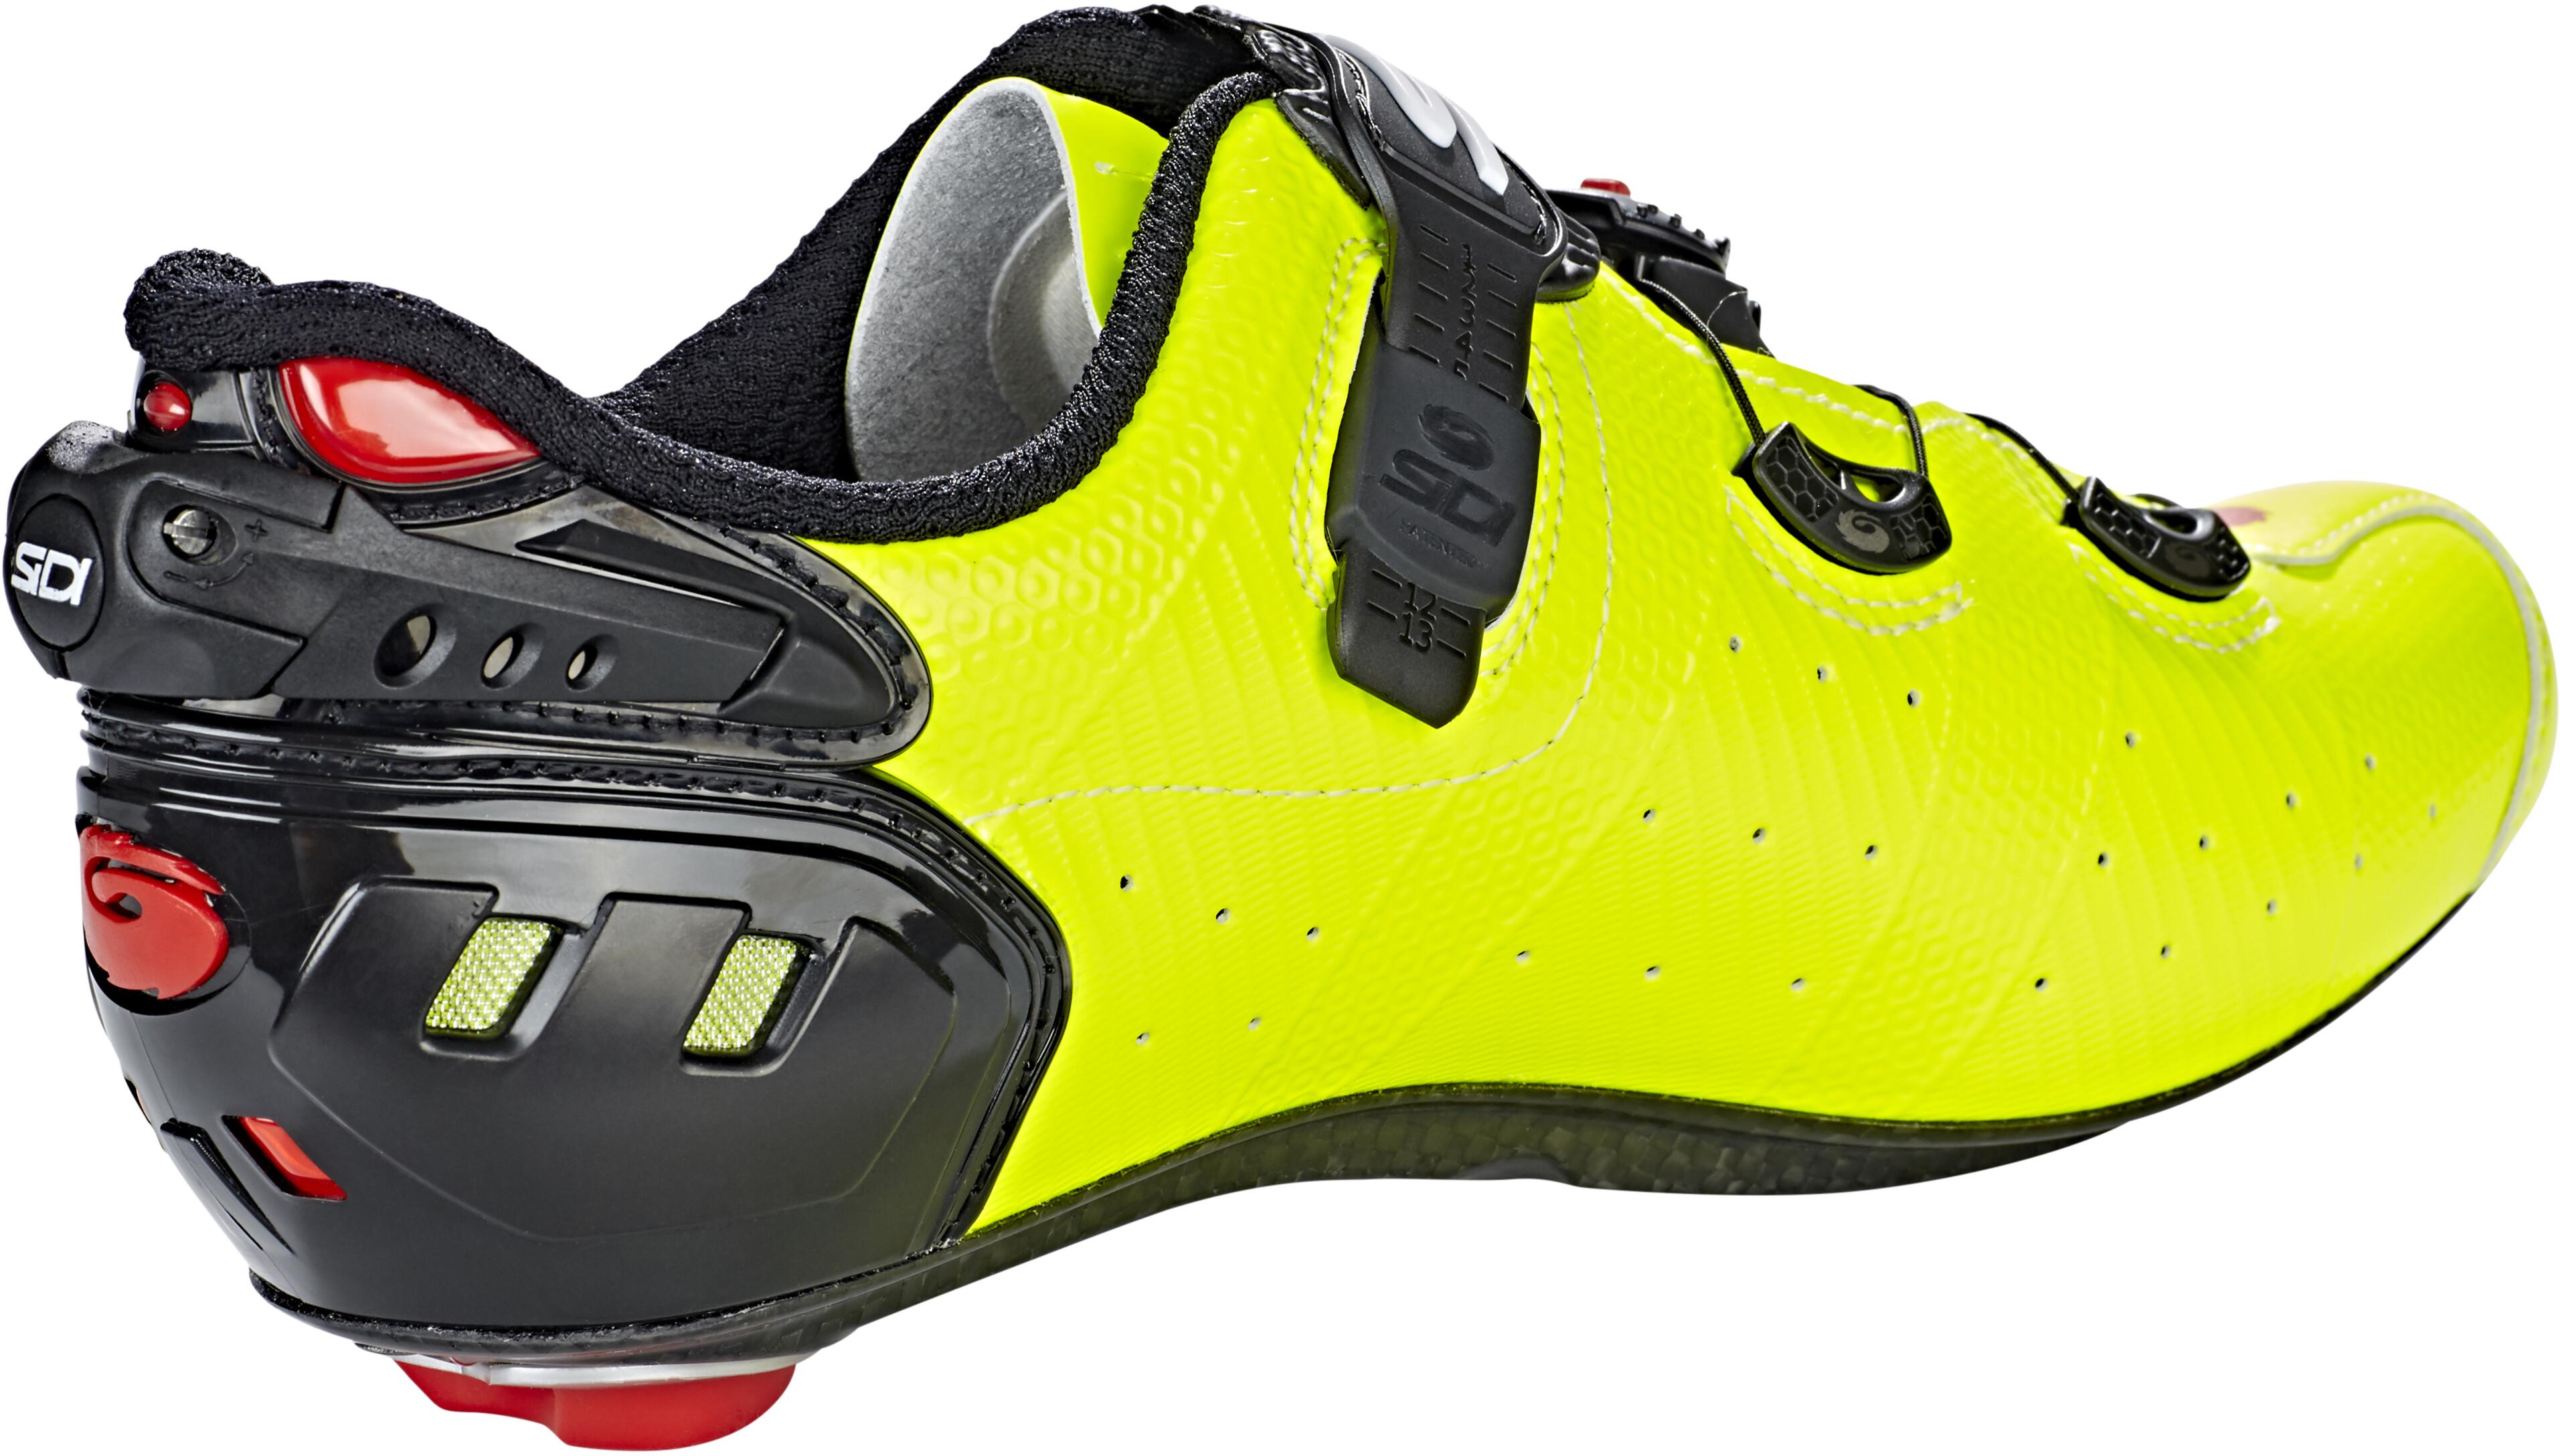 c86ea1766b Sidi Wire 2 Carbon - Chaussures Homme - jaune/noir - Boutique de ...